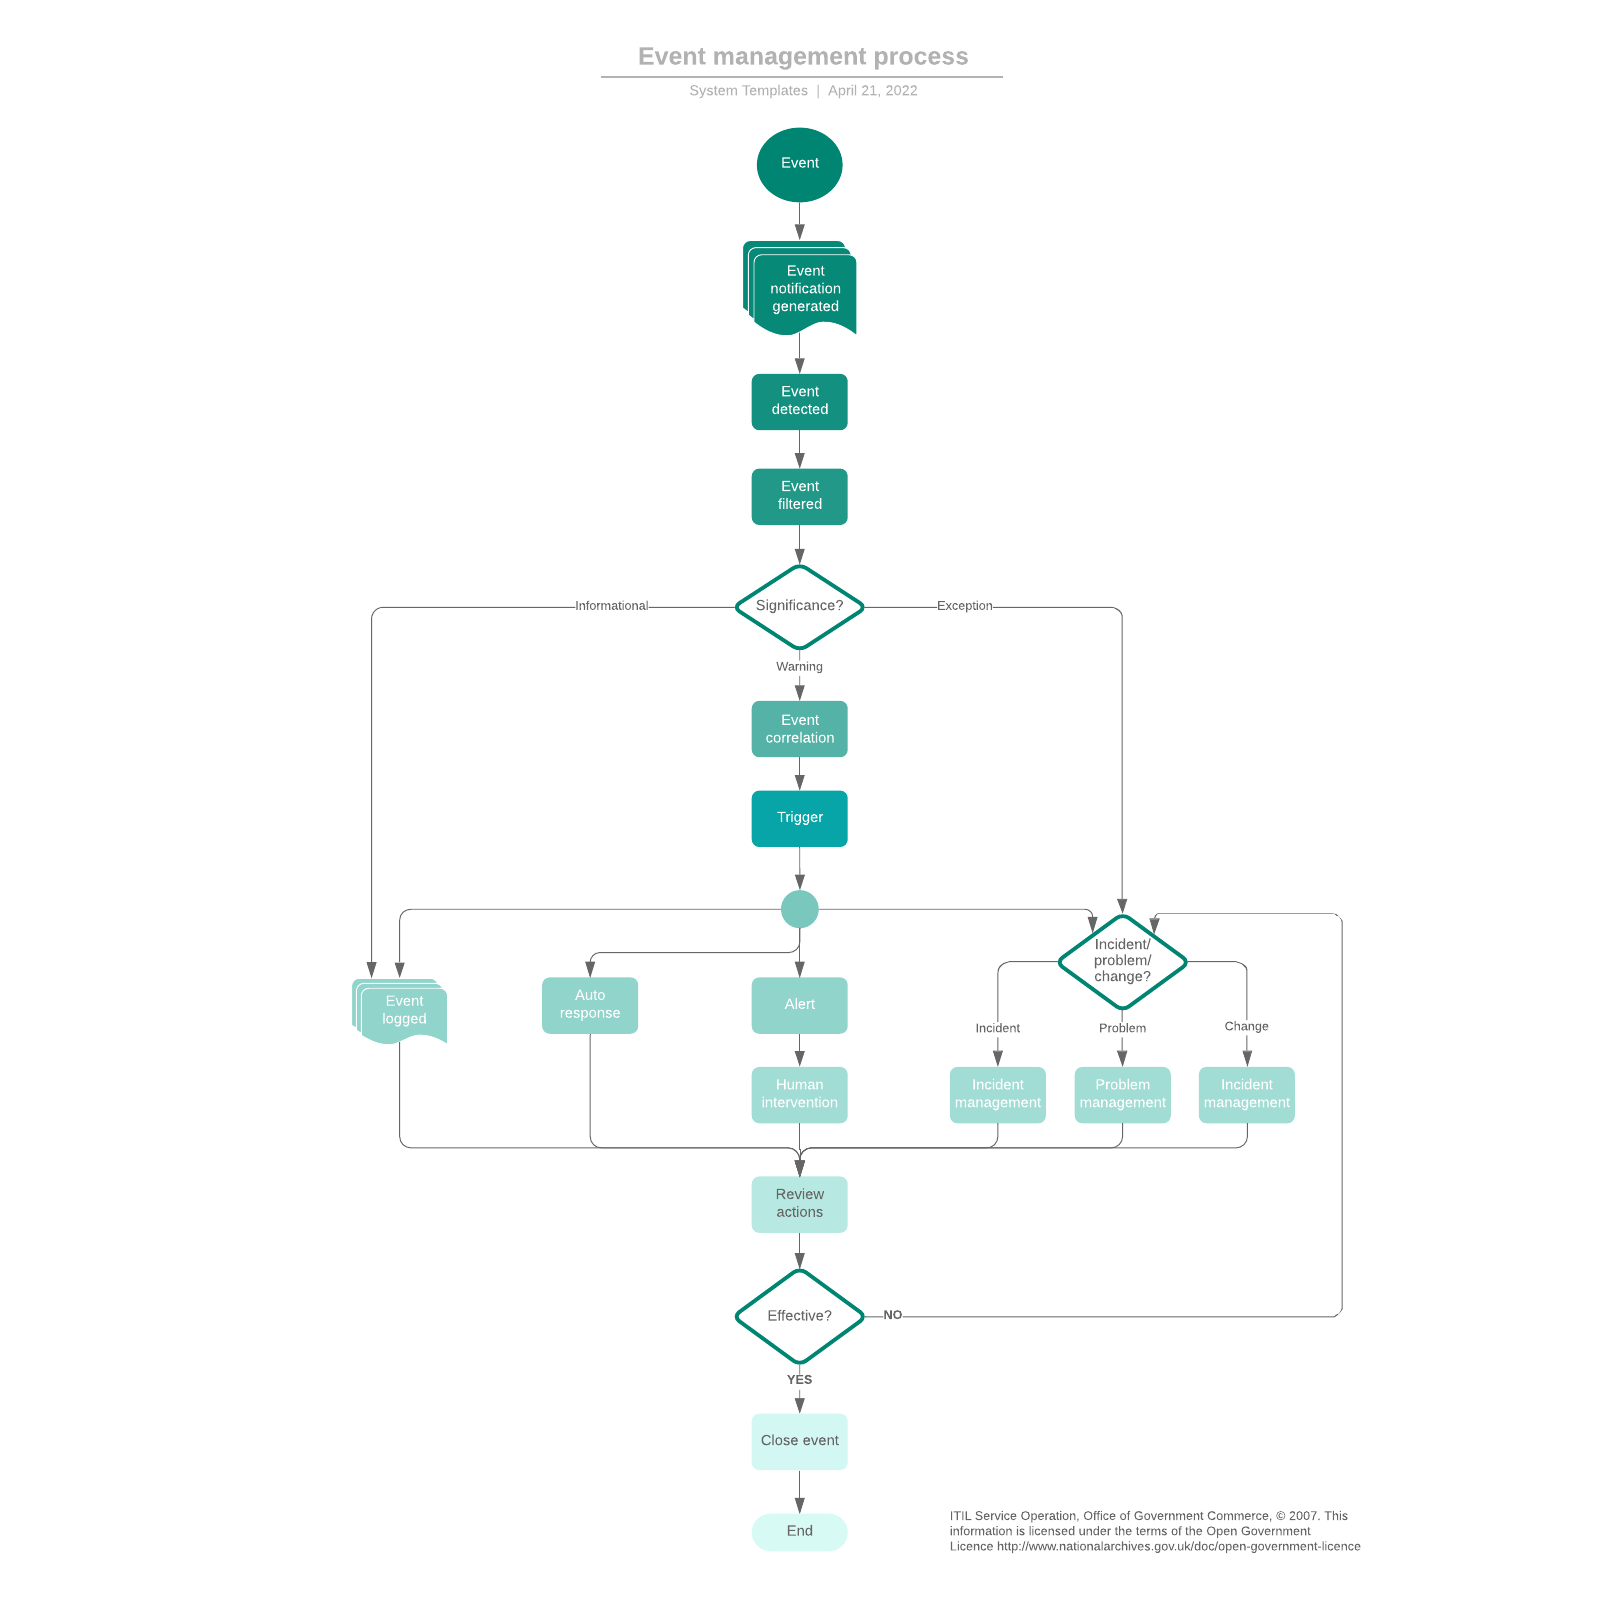 Event management process